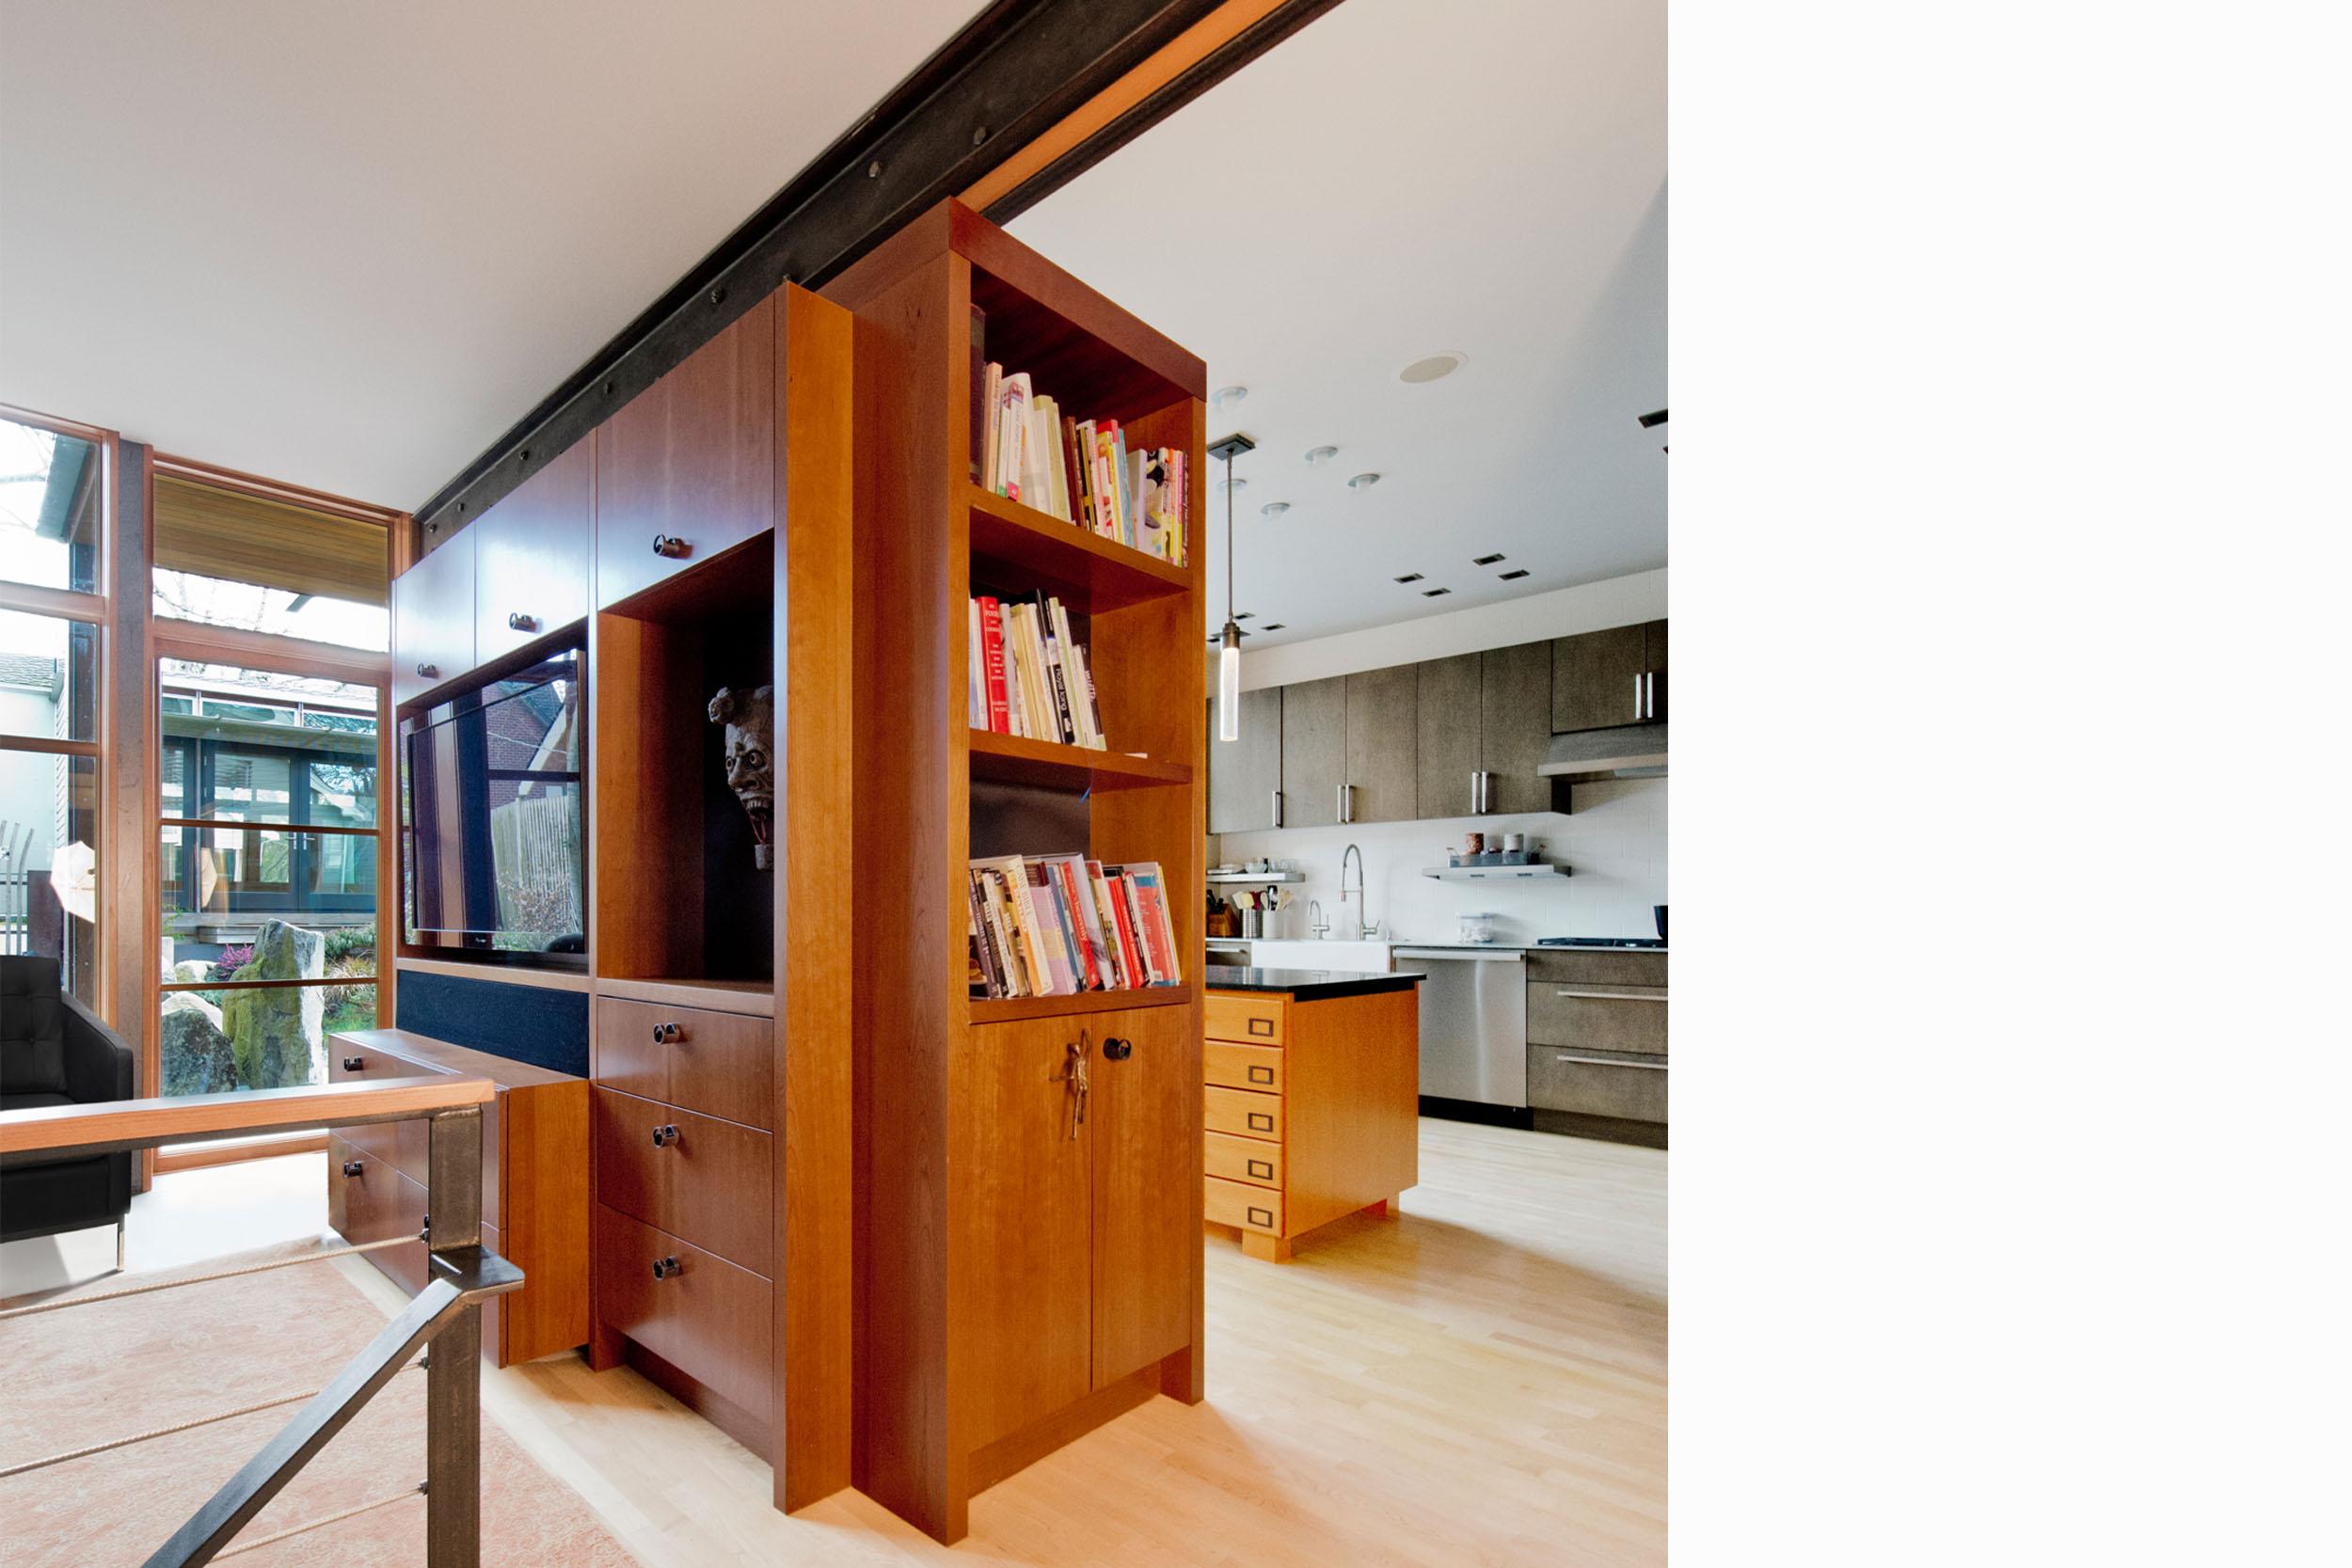 baker's-kitchen-remodel-4.jpg